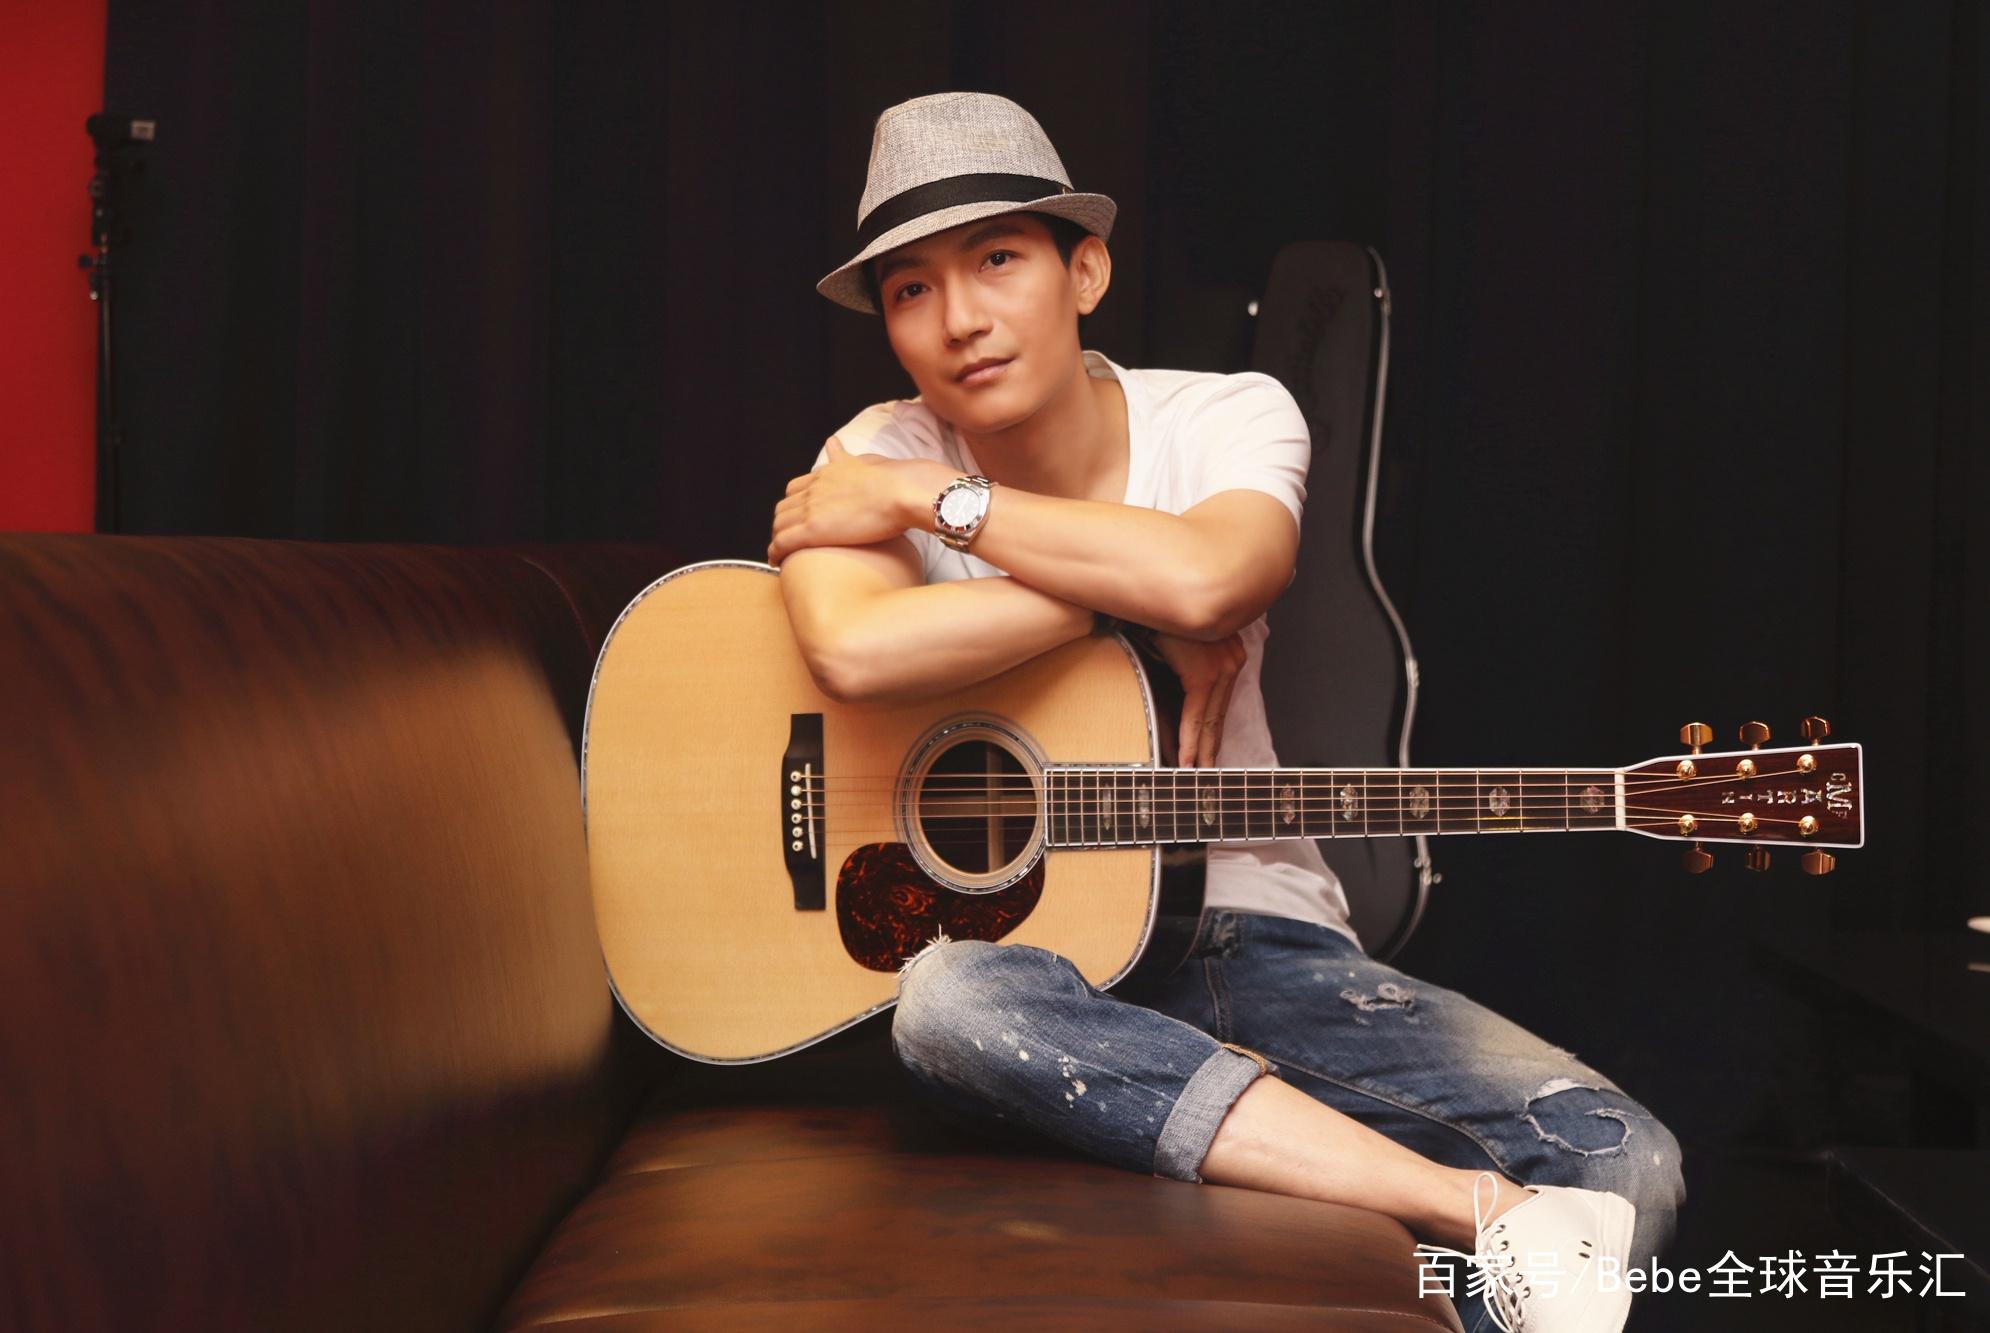 陈楚生踢馆歌手让网友惊喜不已,大家还记得他那首校园歌曲吗?